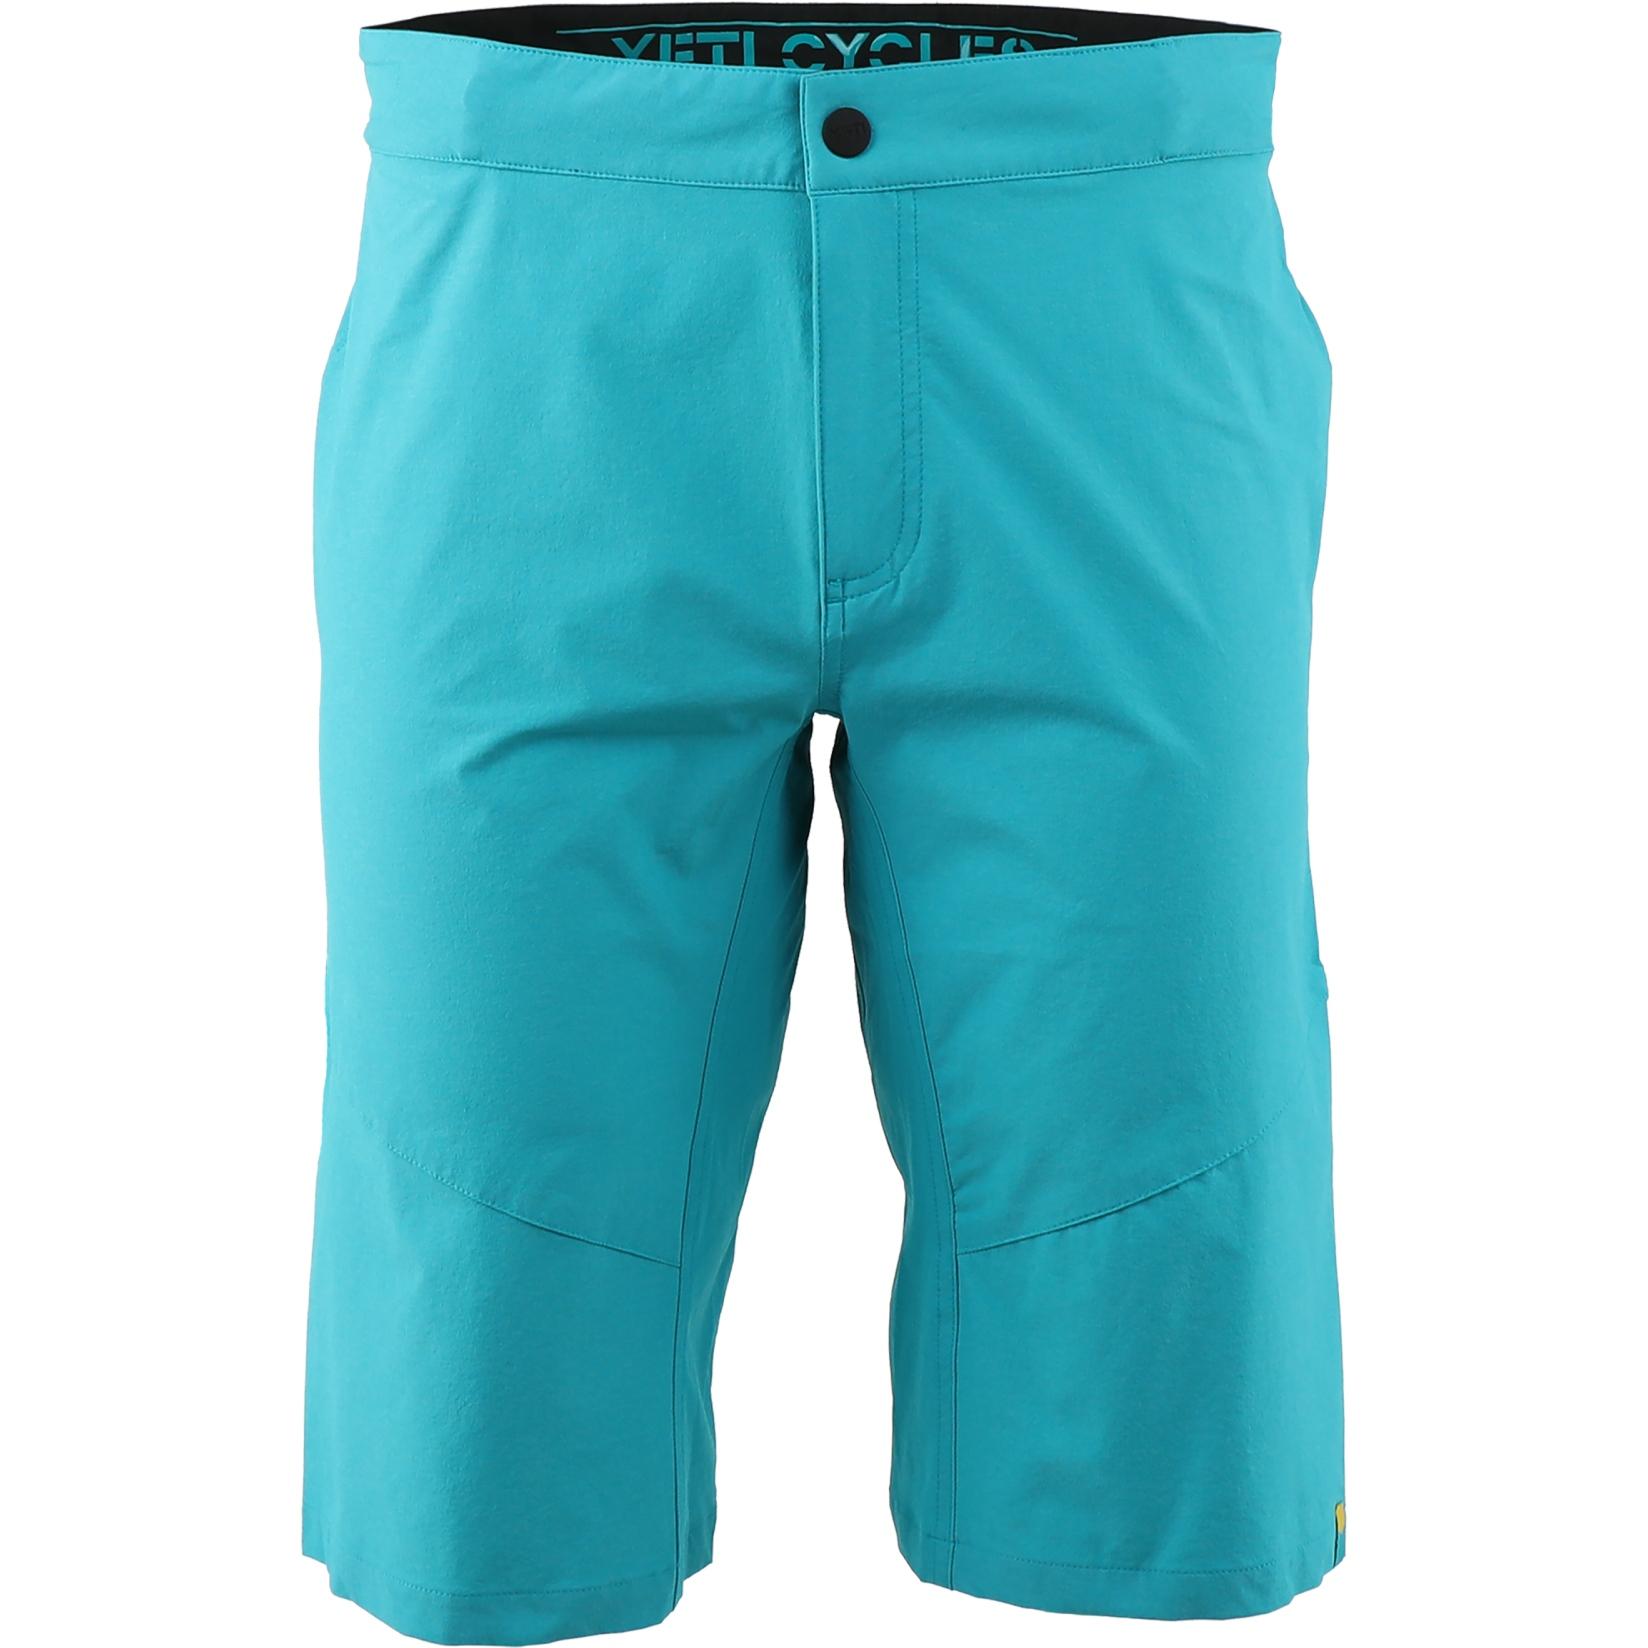 Yeti Cycles Mason Shorts - Turquoise